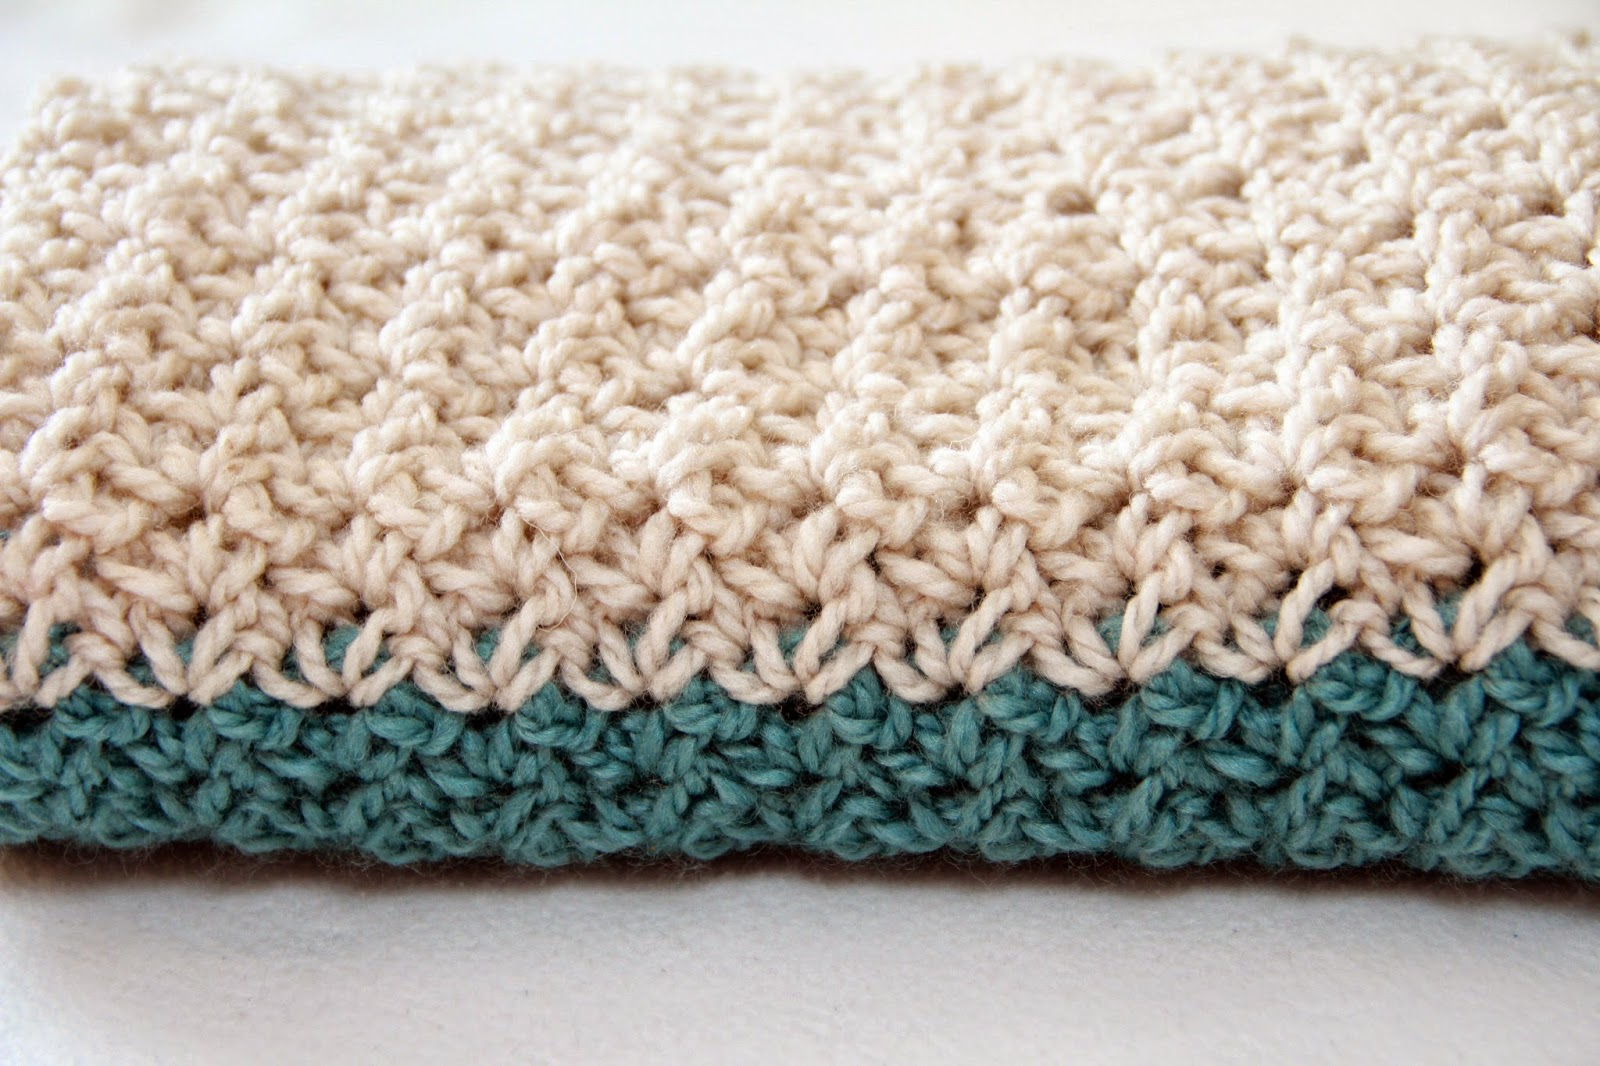 Speckled Frog Crochet: FREE CROCHET NECK WARMER PATTERN